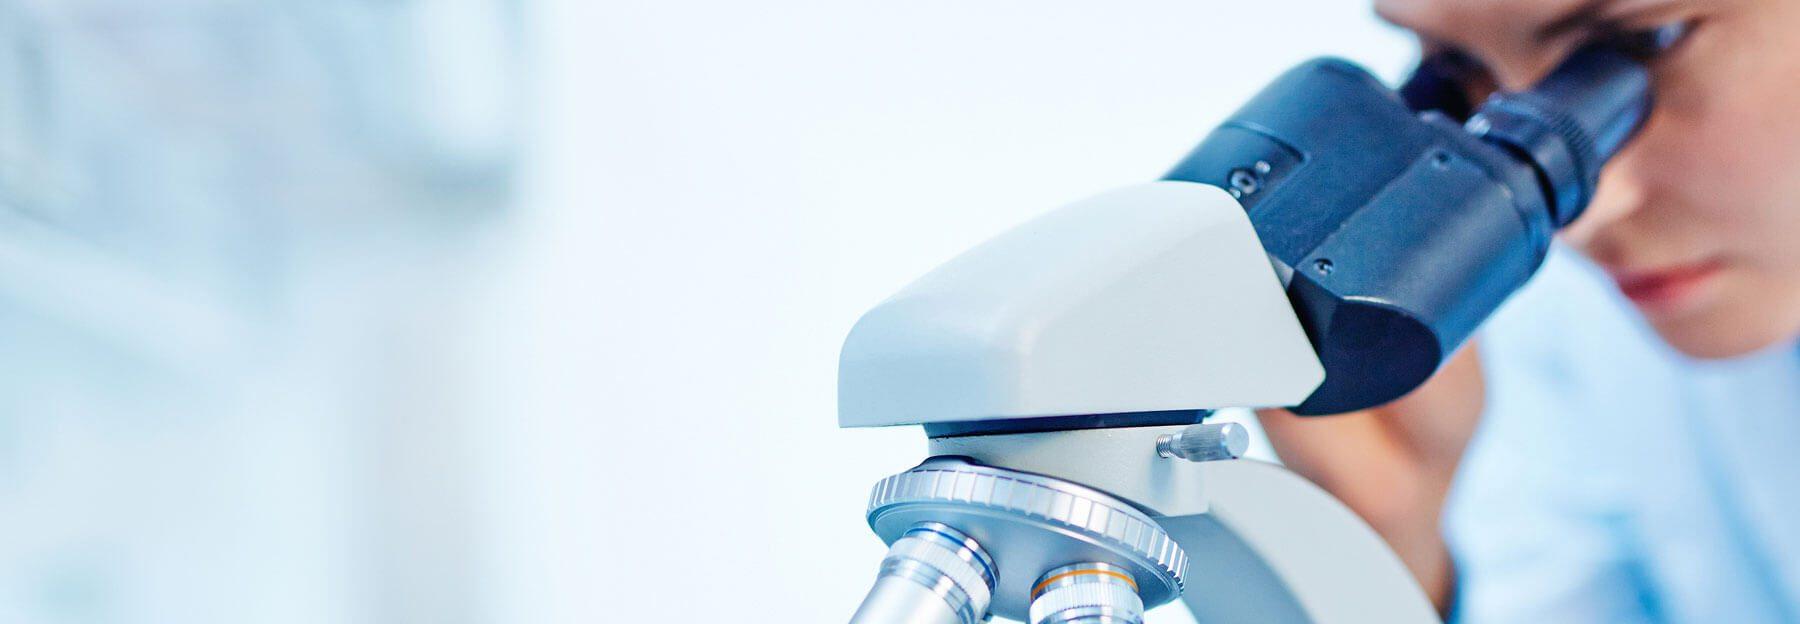 Frau schaut in Mikroskop